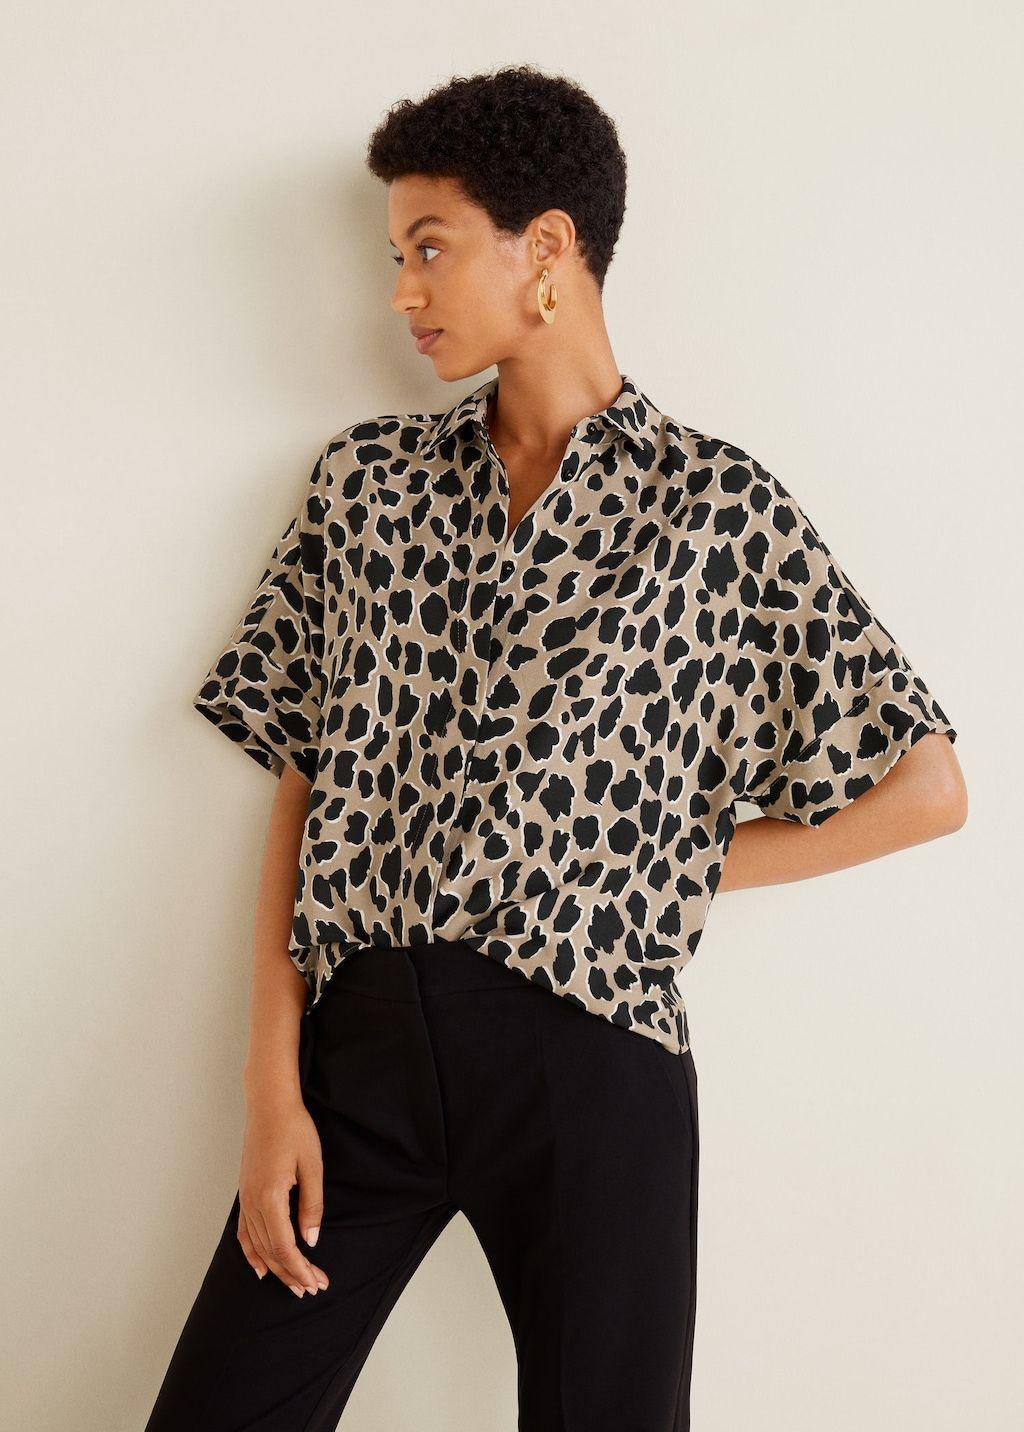 Leopard Print Shirt Women Mango Usa Leopard Print Shirt Leopard Print Outfits Print Shirts Women [ 1432 x 1024 Pixel ]